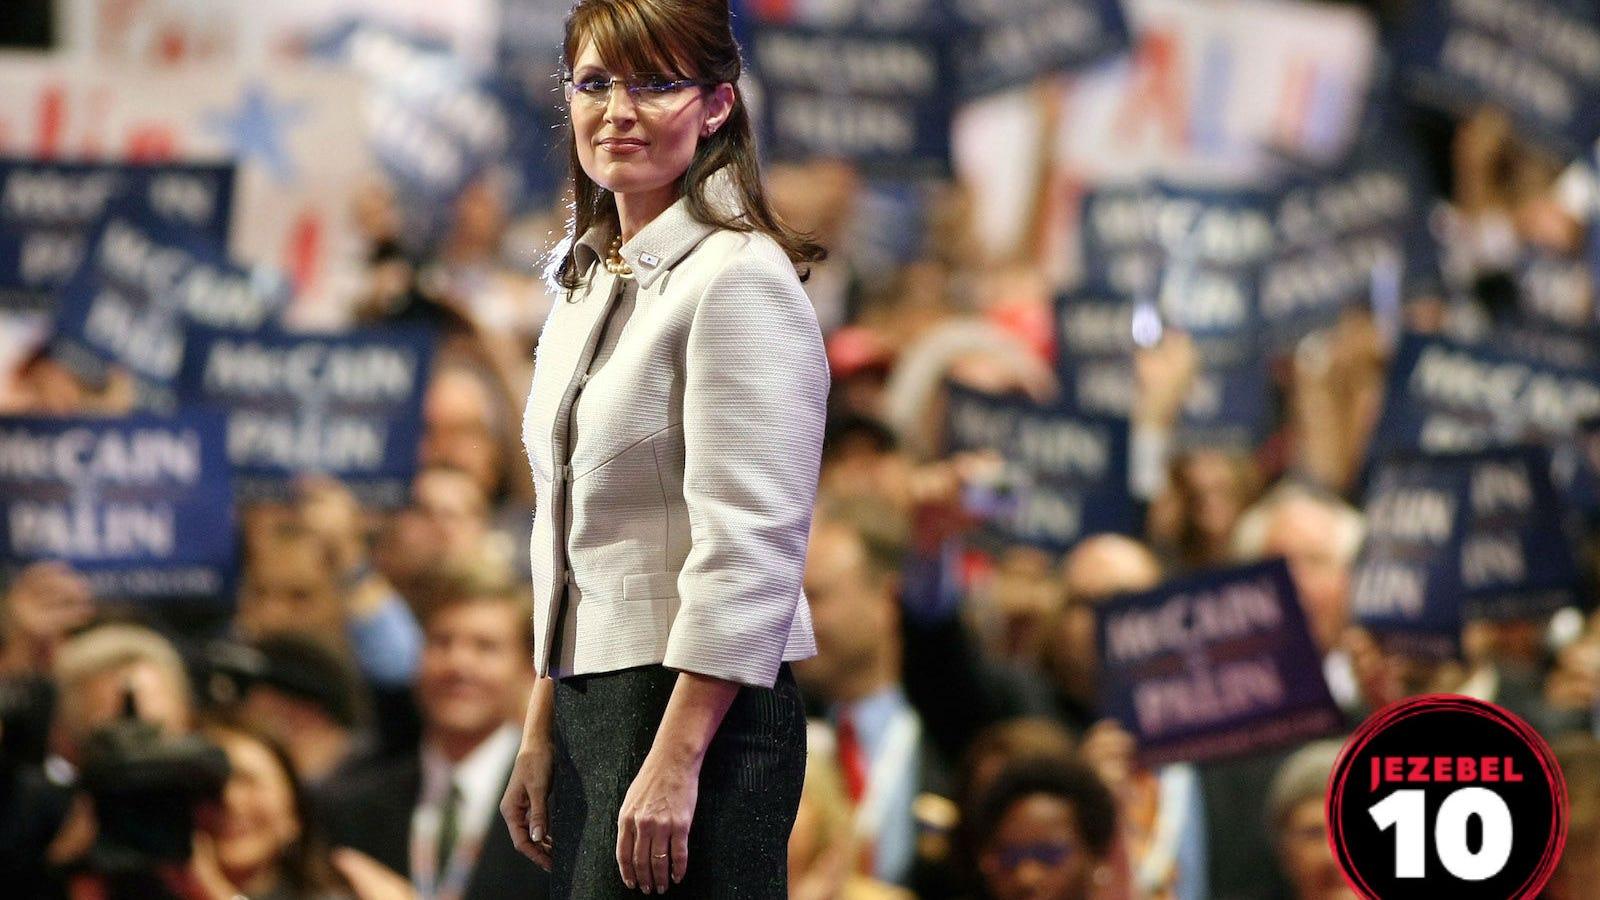 odianykkhciimtzu8ztq - Why Sarah Palin Incites Near-Violent Rage In Normally Reasonable Women